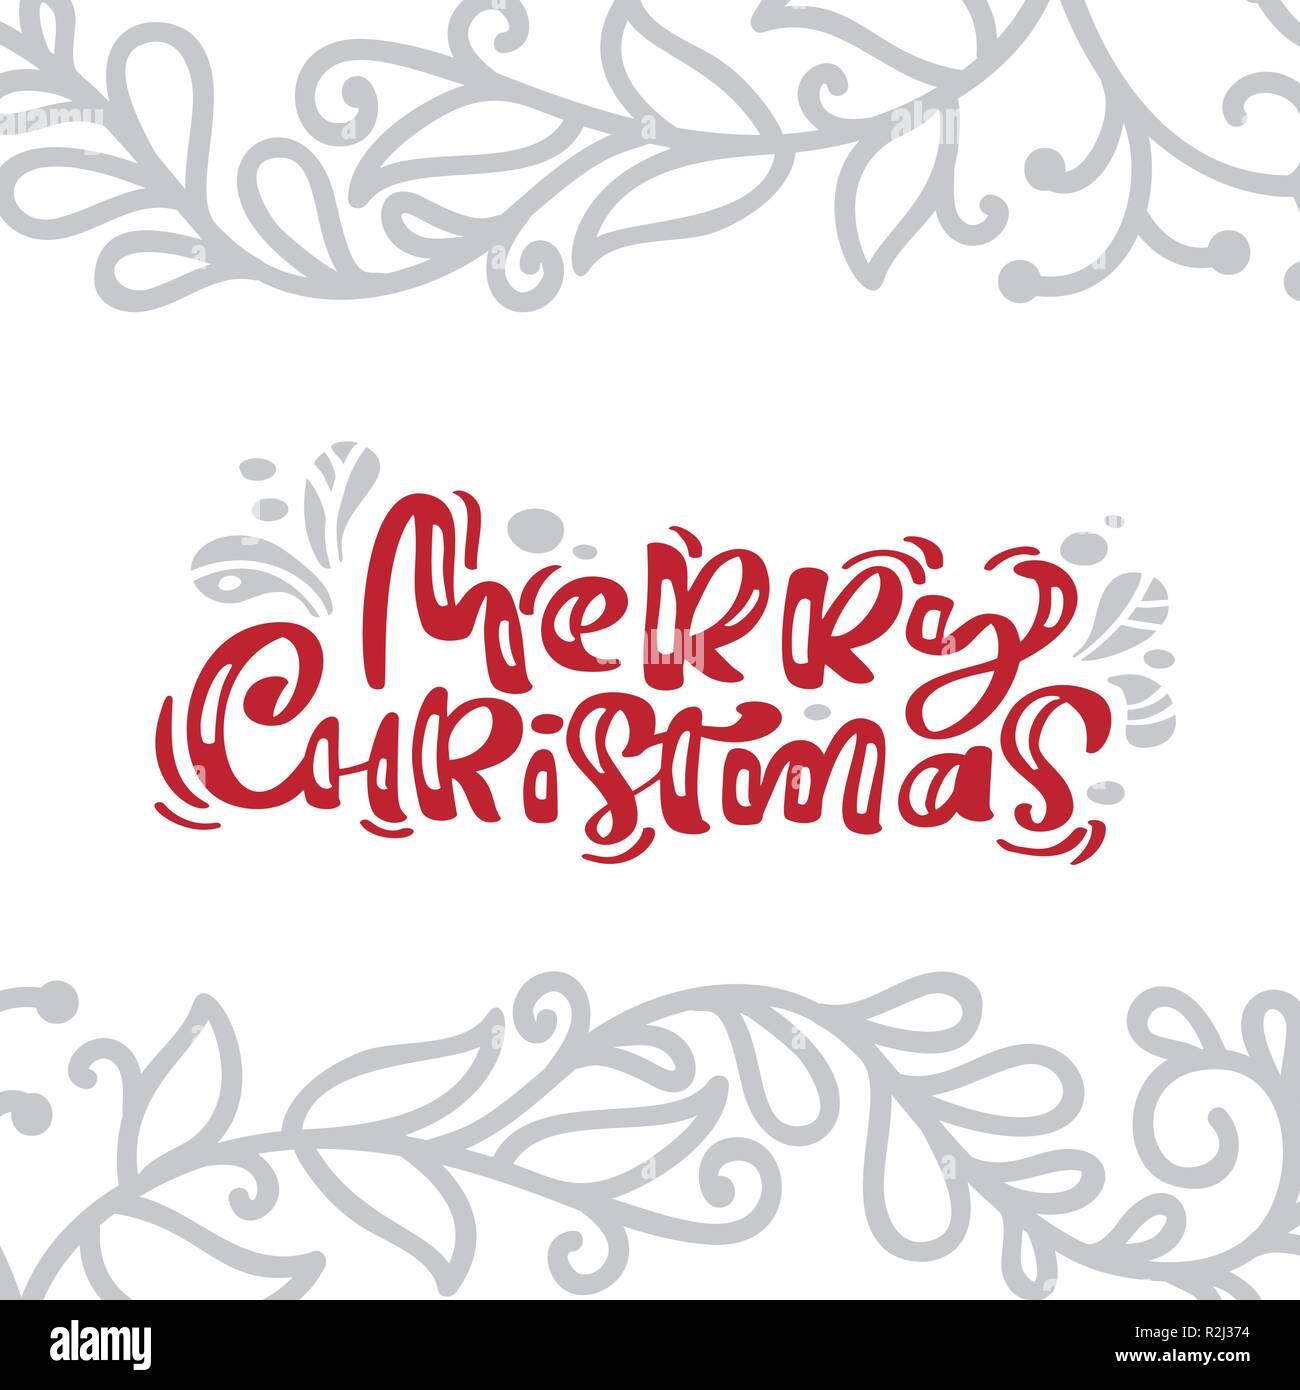 Joyeux Noel Carte Vintage Lettrage Calligraphie Le Texte Vectoriel